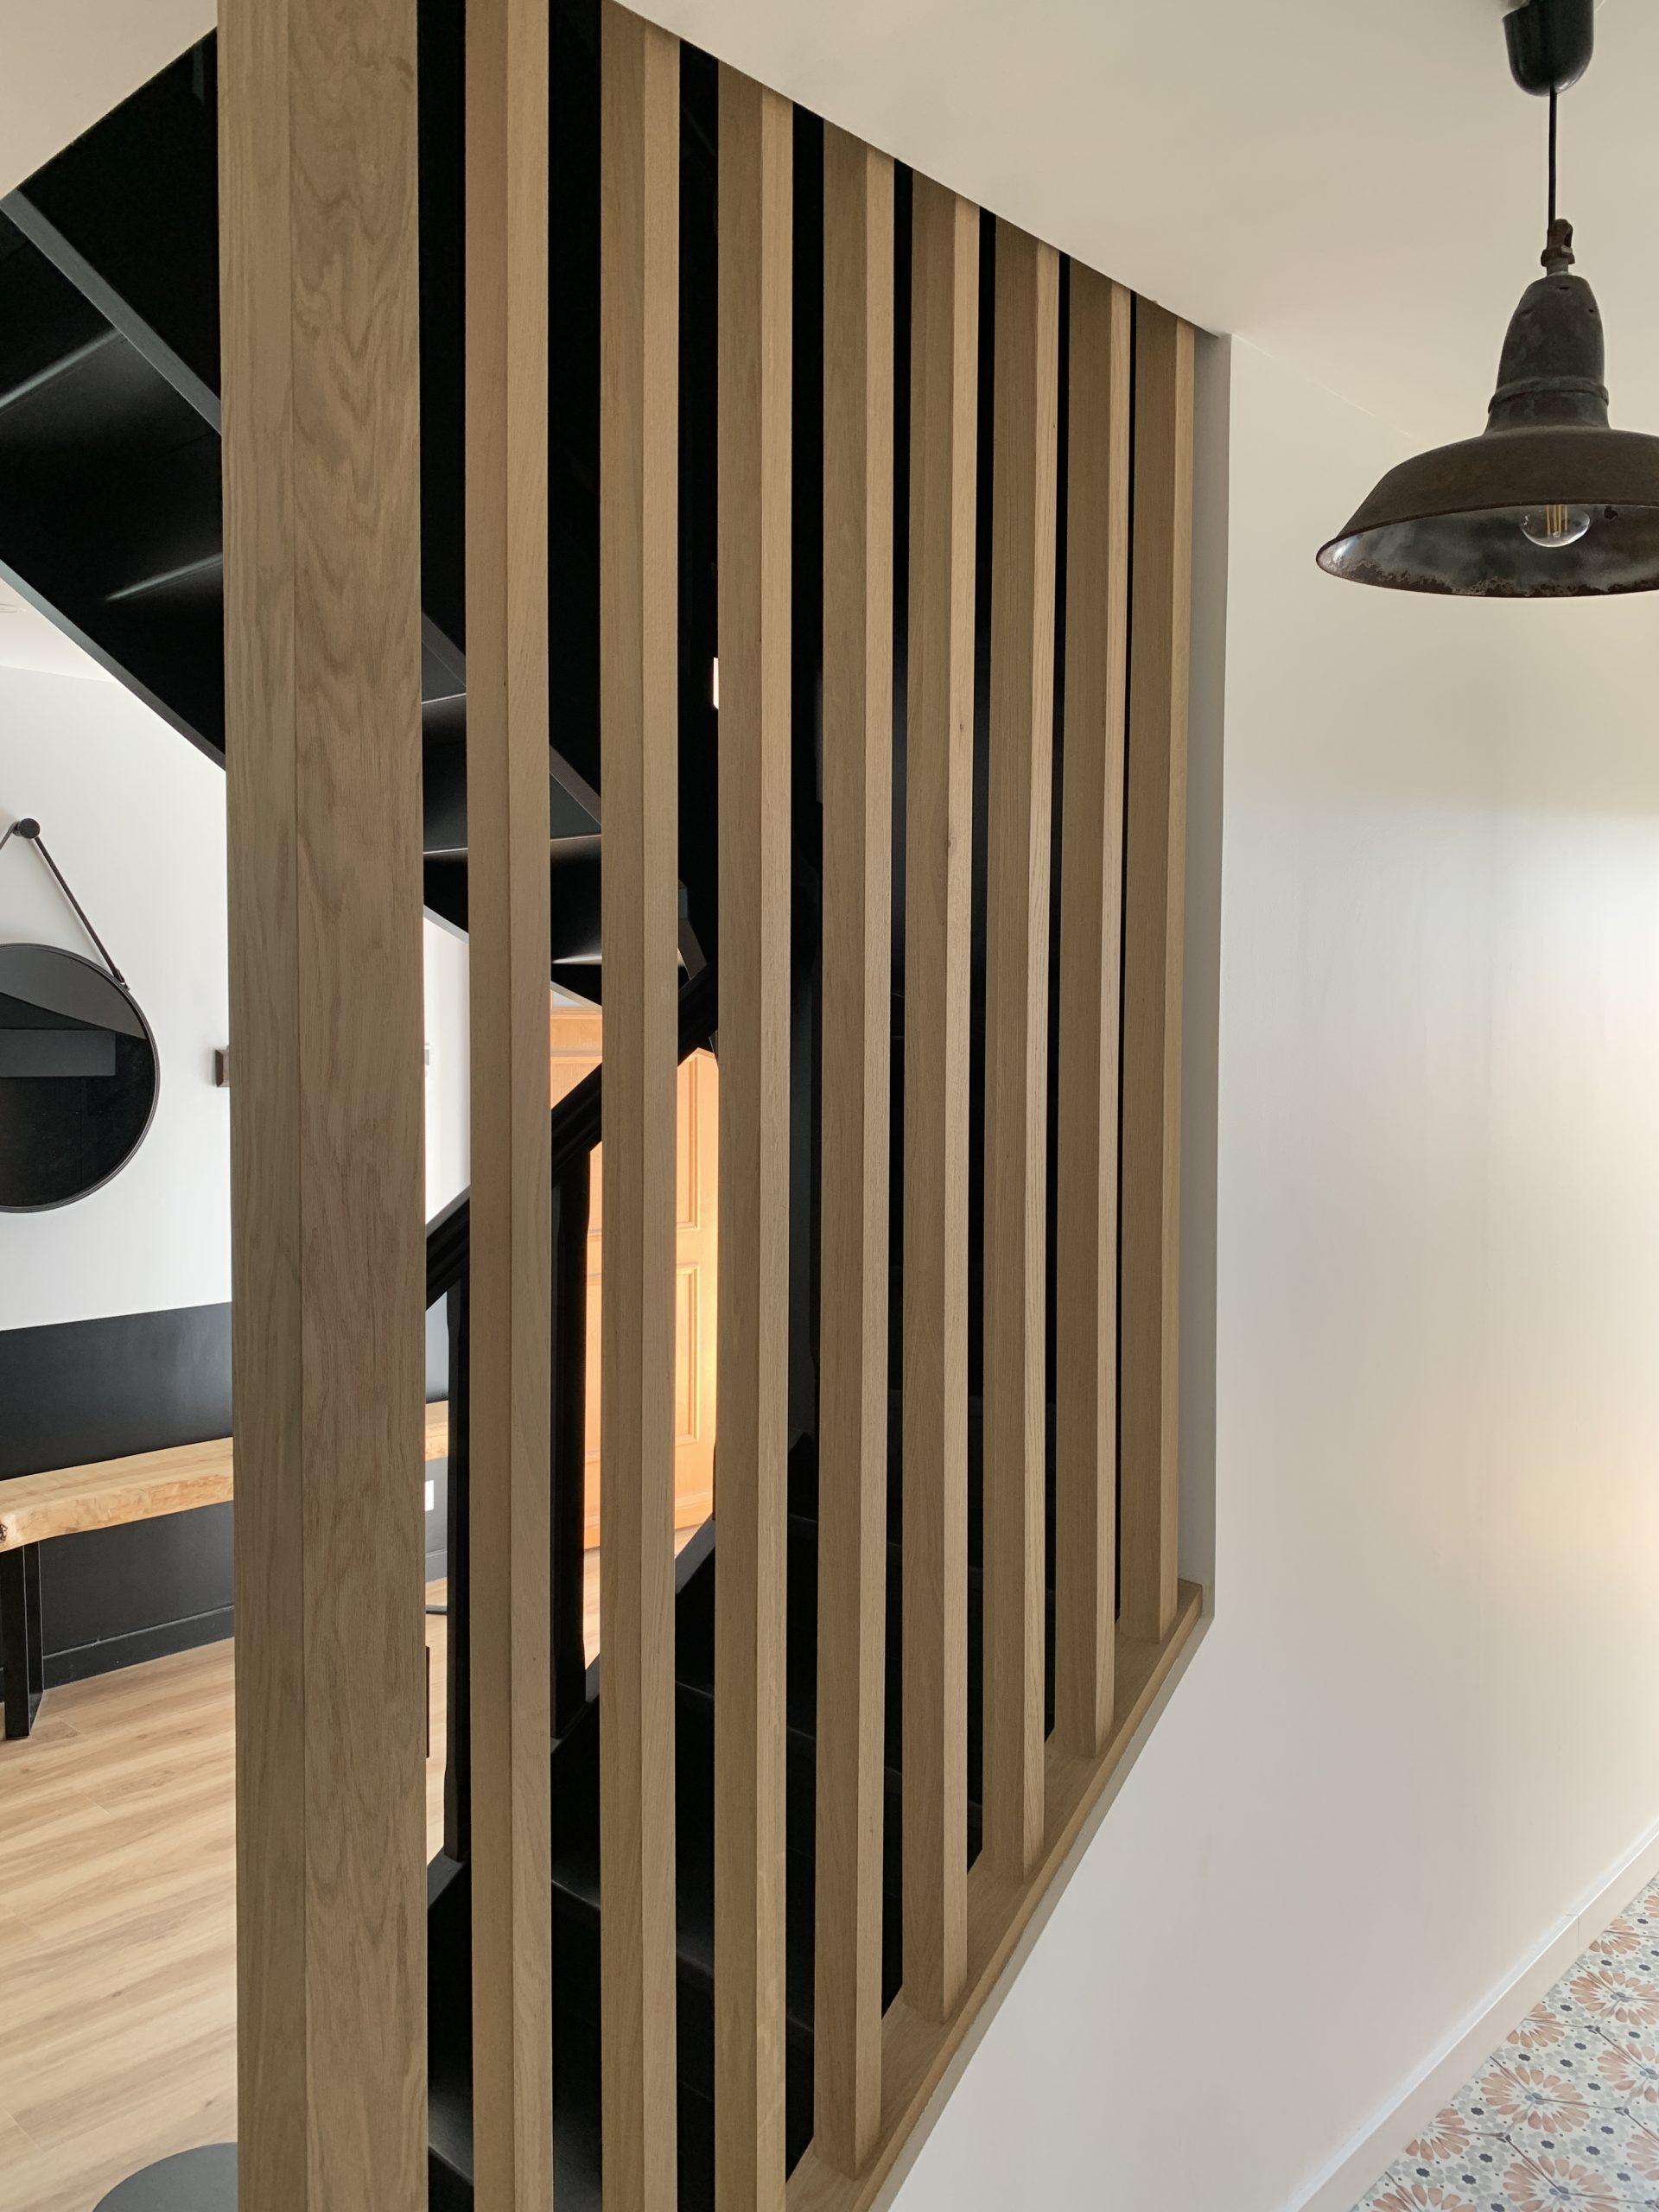 entrée escaliers noirs claustra bois